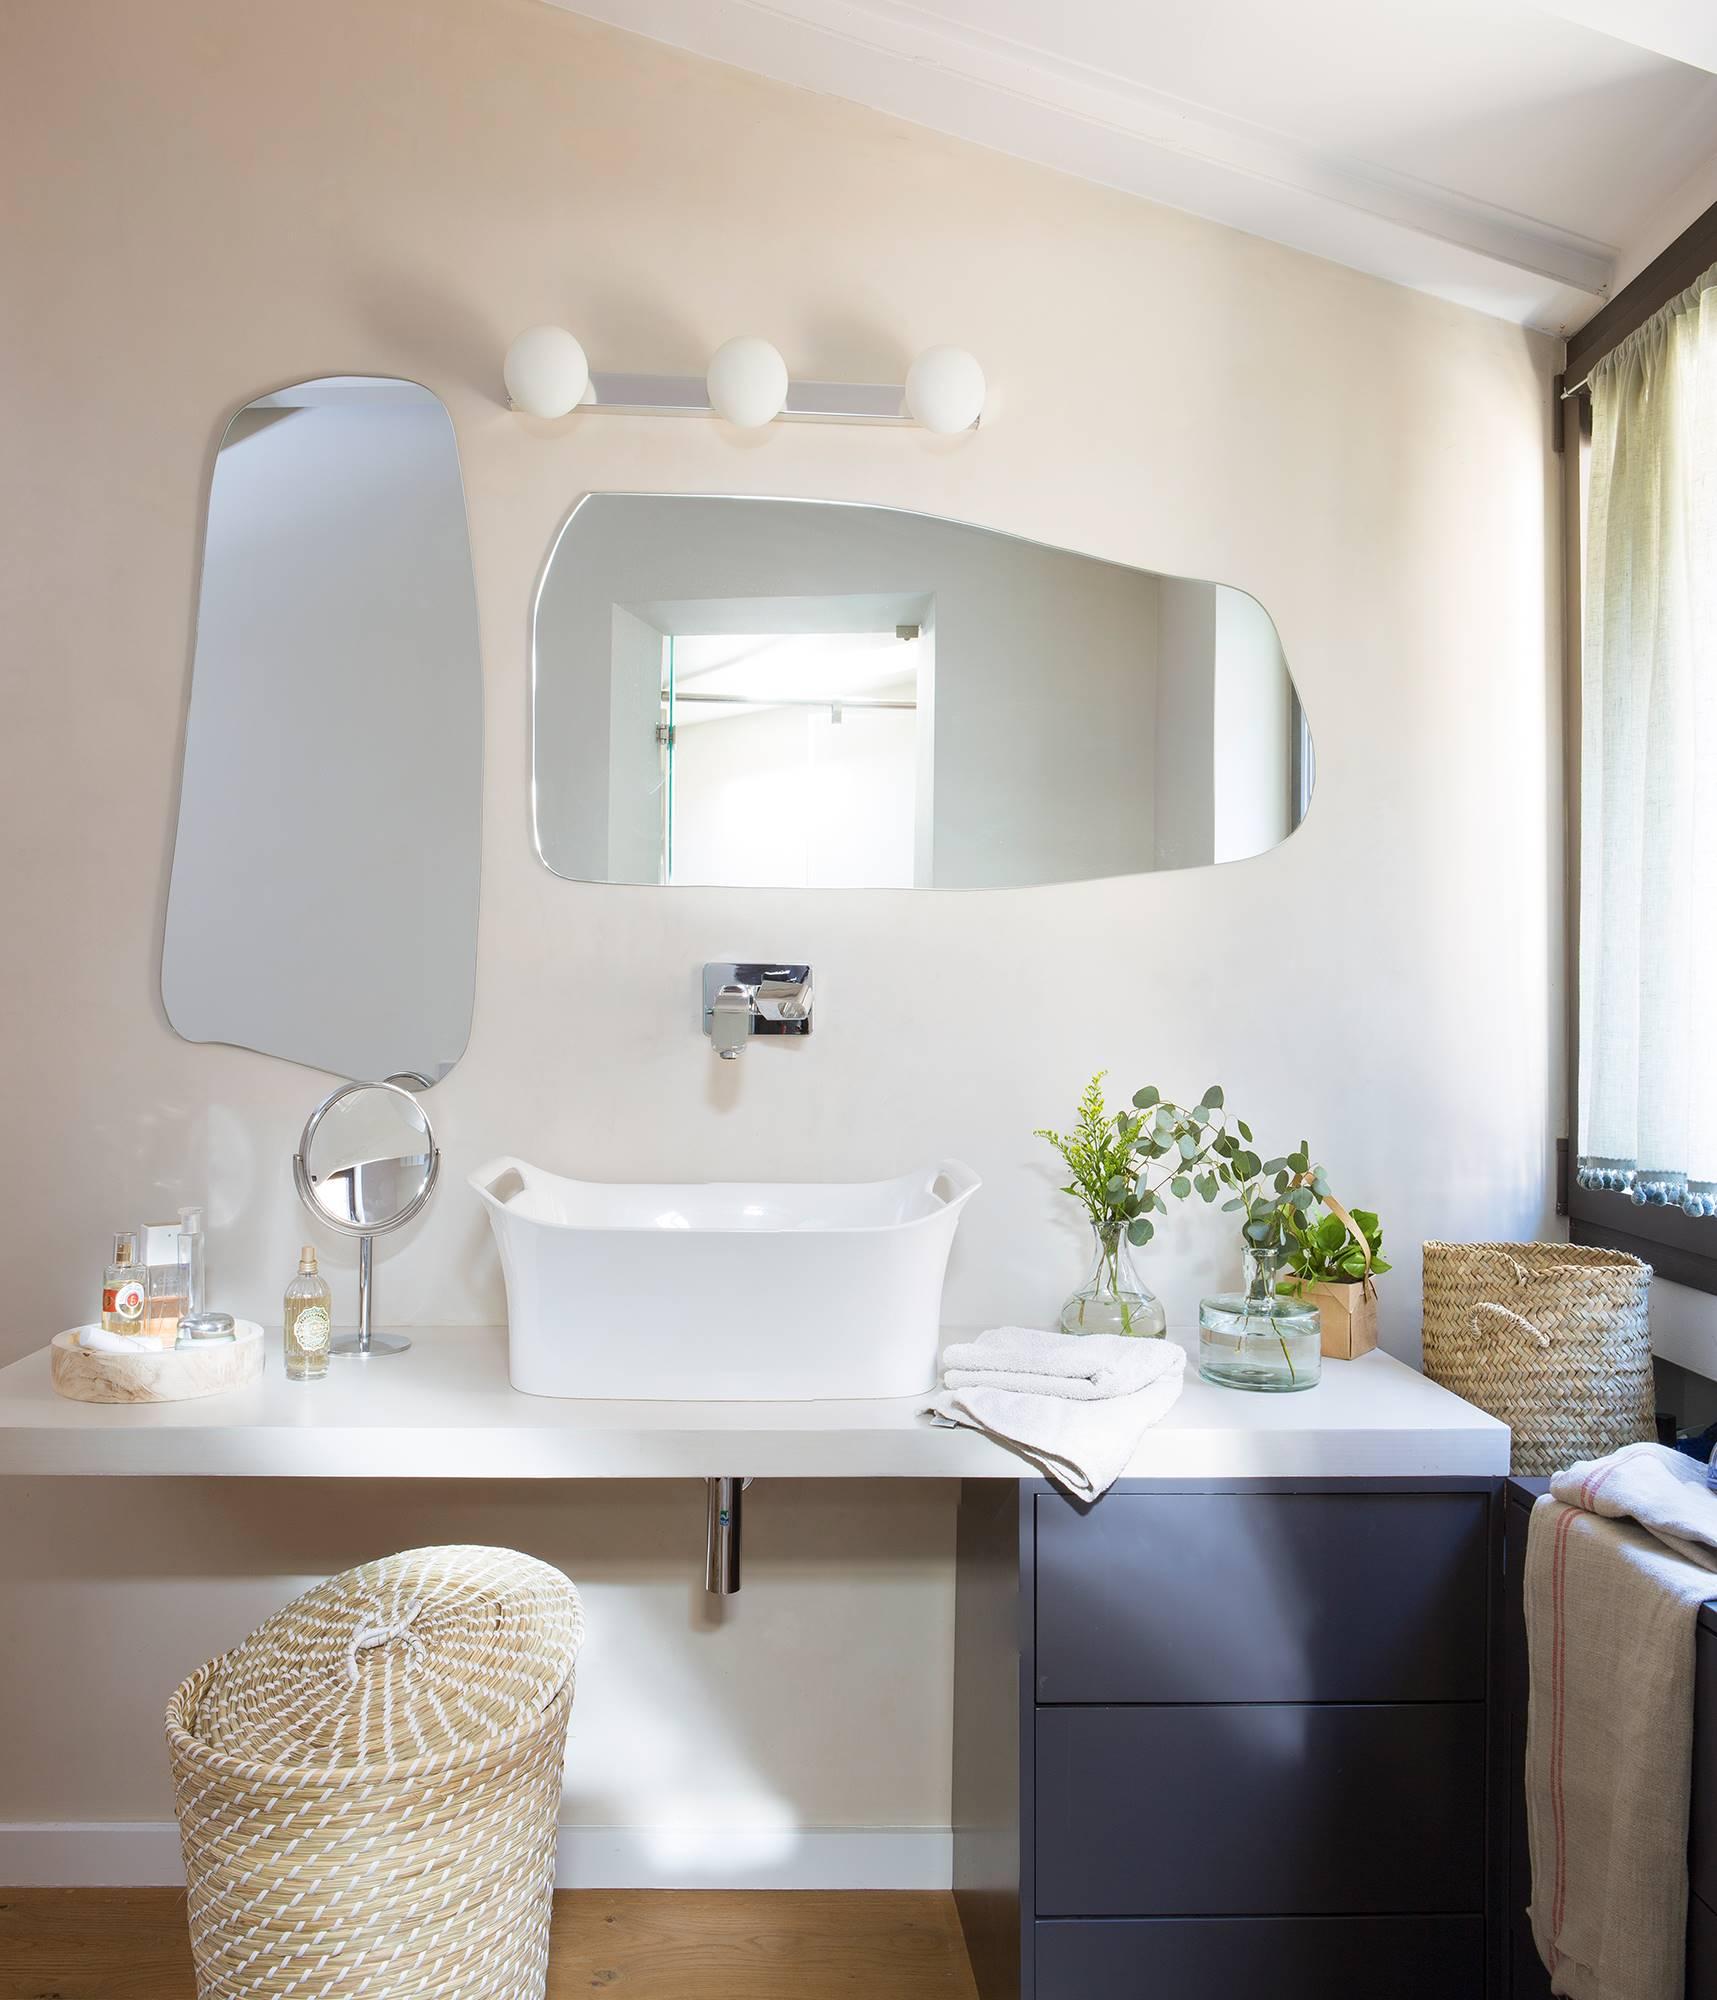 Apliques para el ba o c mo elegirlos - Lampara para espejo de bano ...